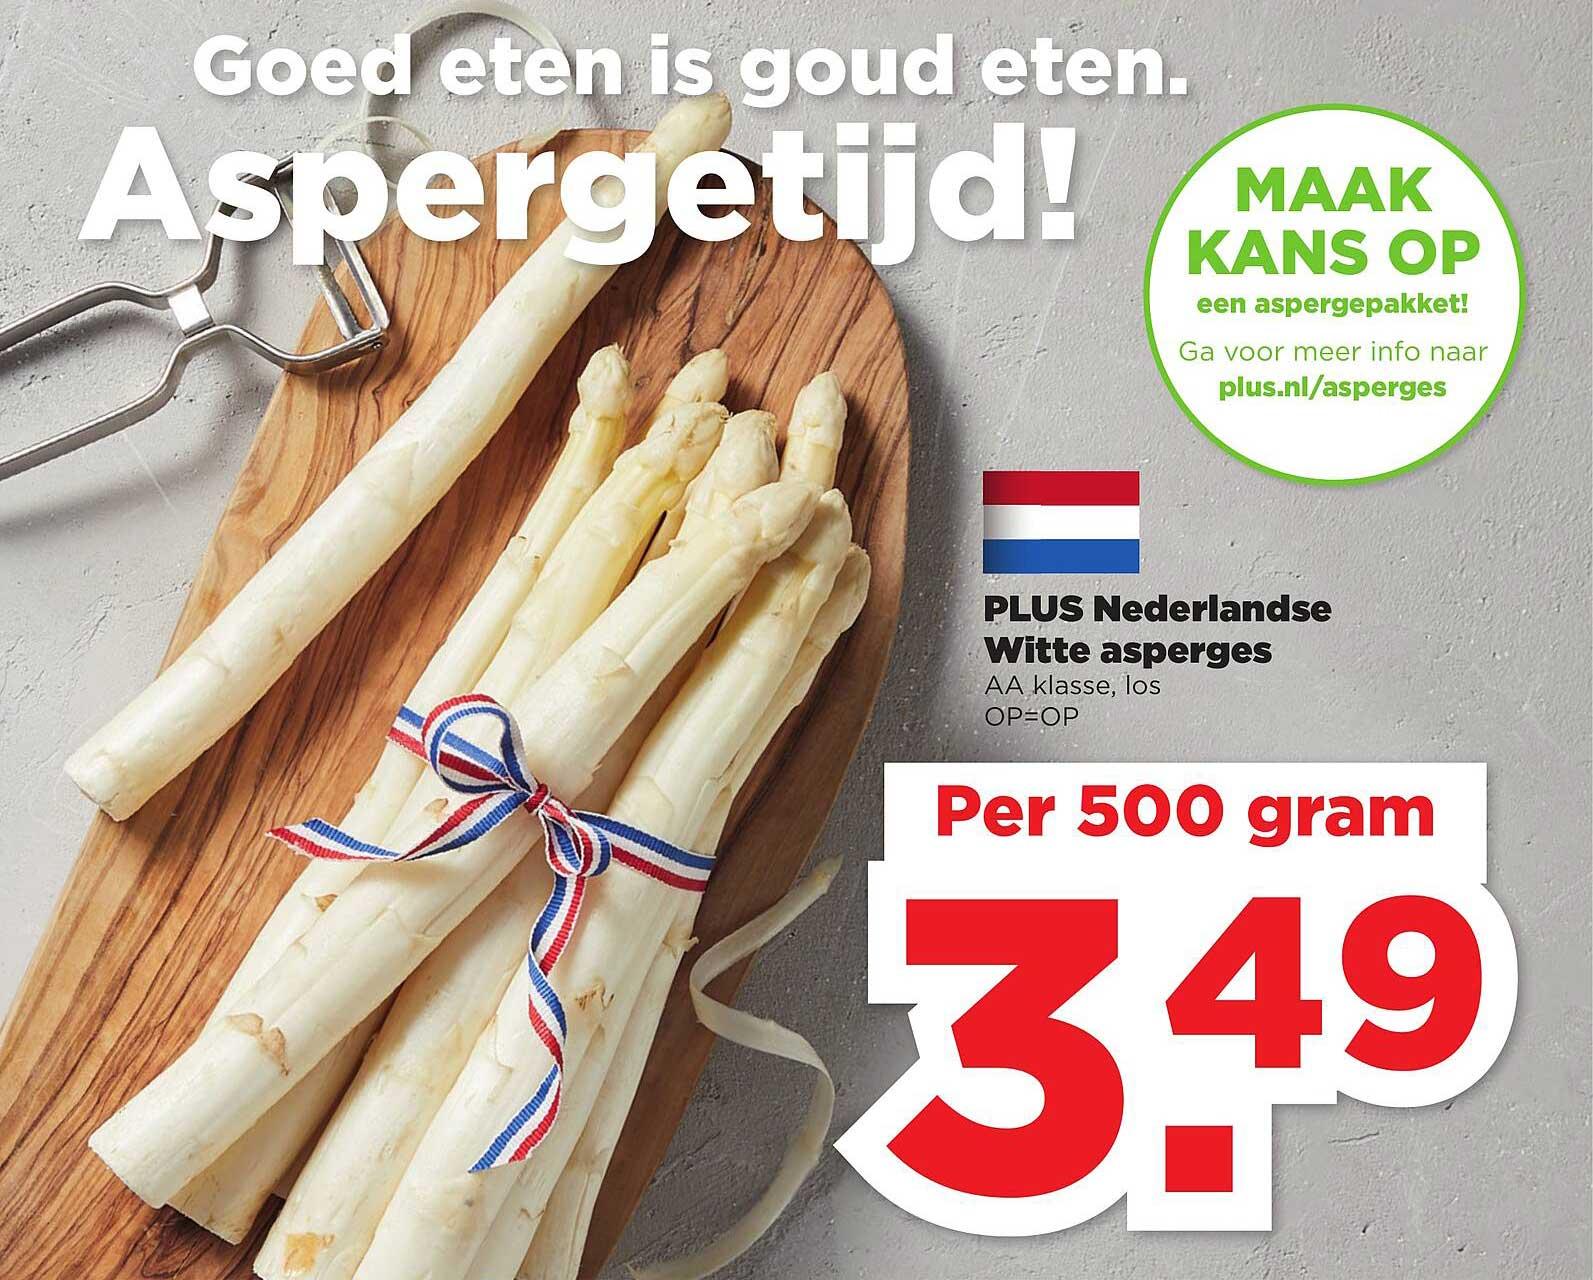 PLUS Plus Nederlandse Witte Asperges